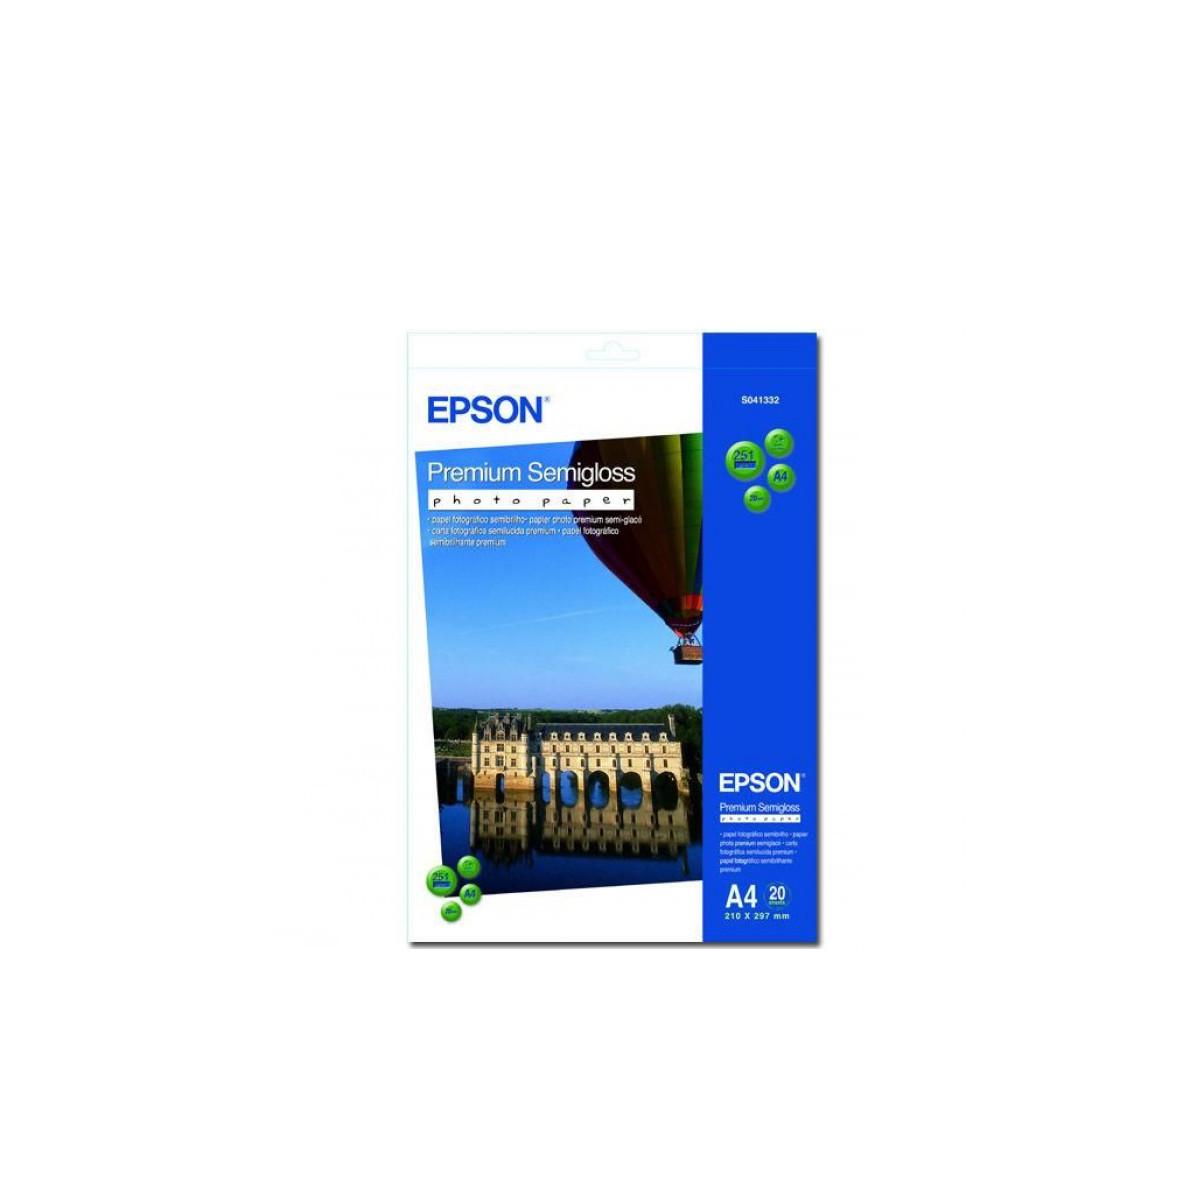 Бумага Epson Premium Semigloss Photo Paper плотность 251 г/м2 (А4 - 20х30 20 листов) C13S041332